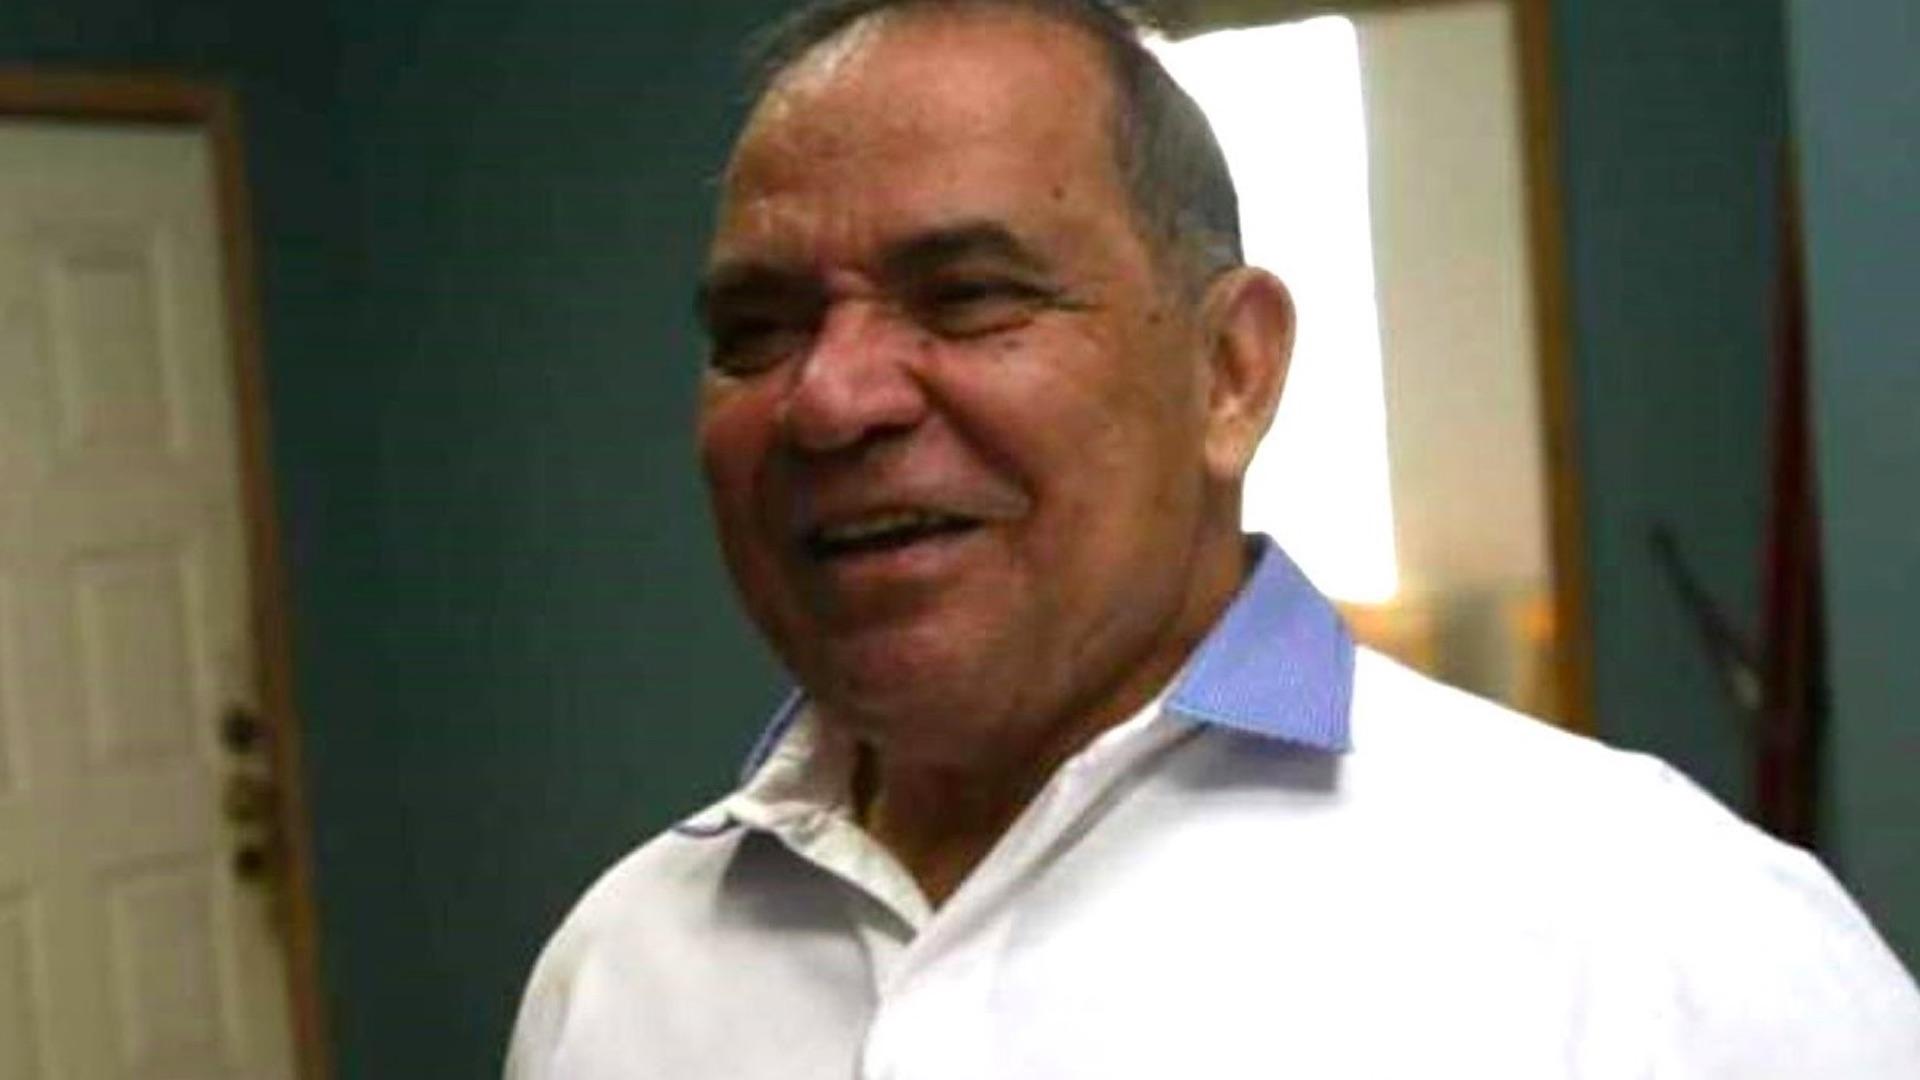 Fallece el periodista David Romero a causa de #Covid19 en Honduras